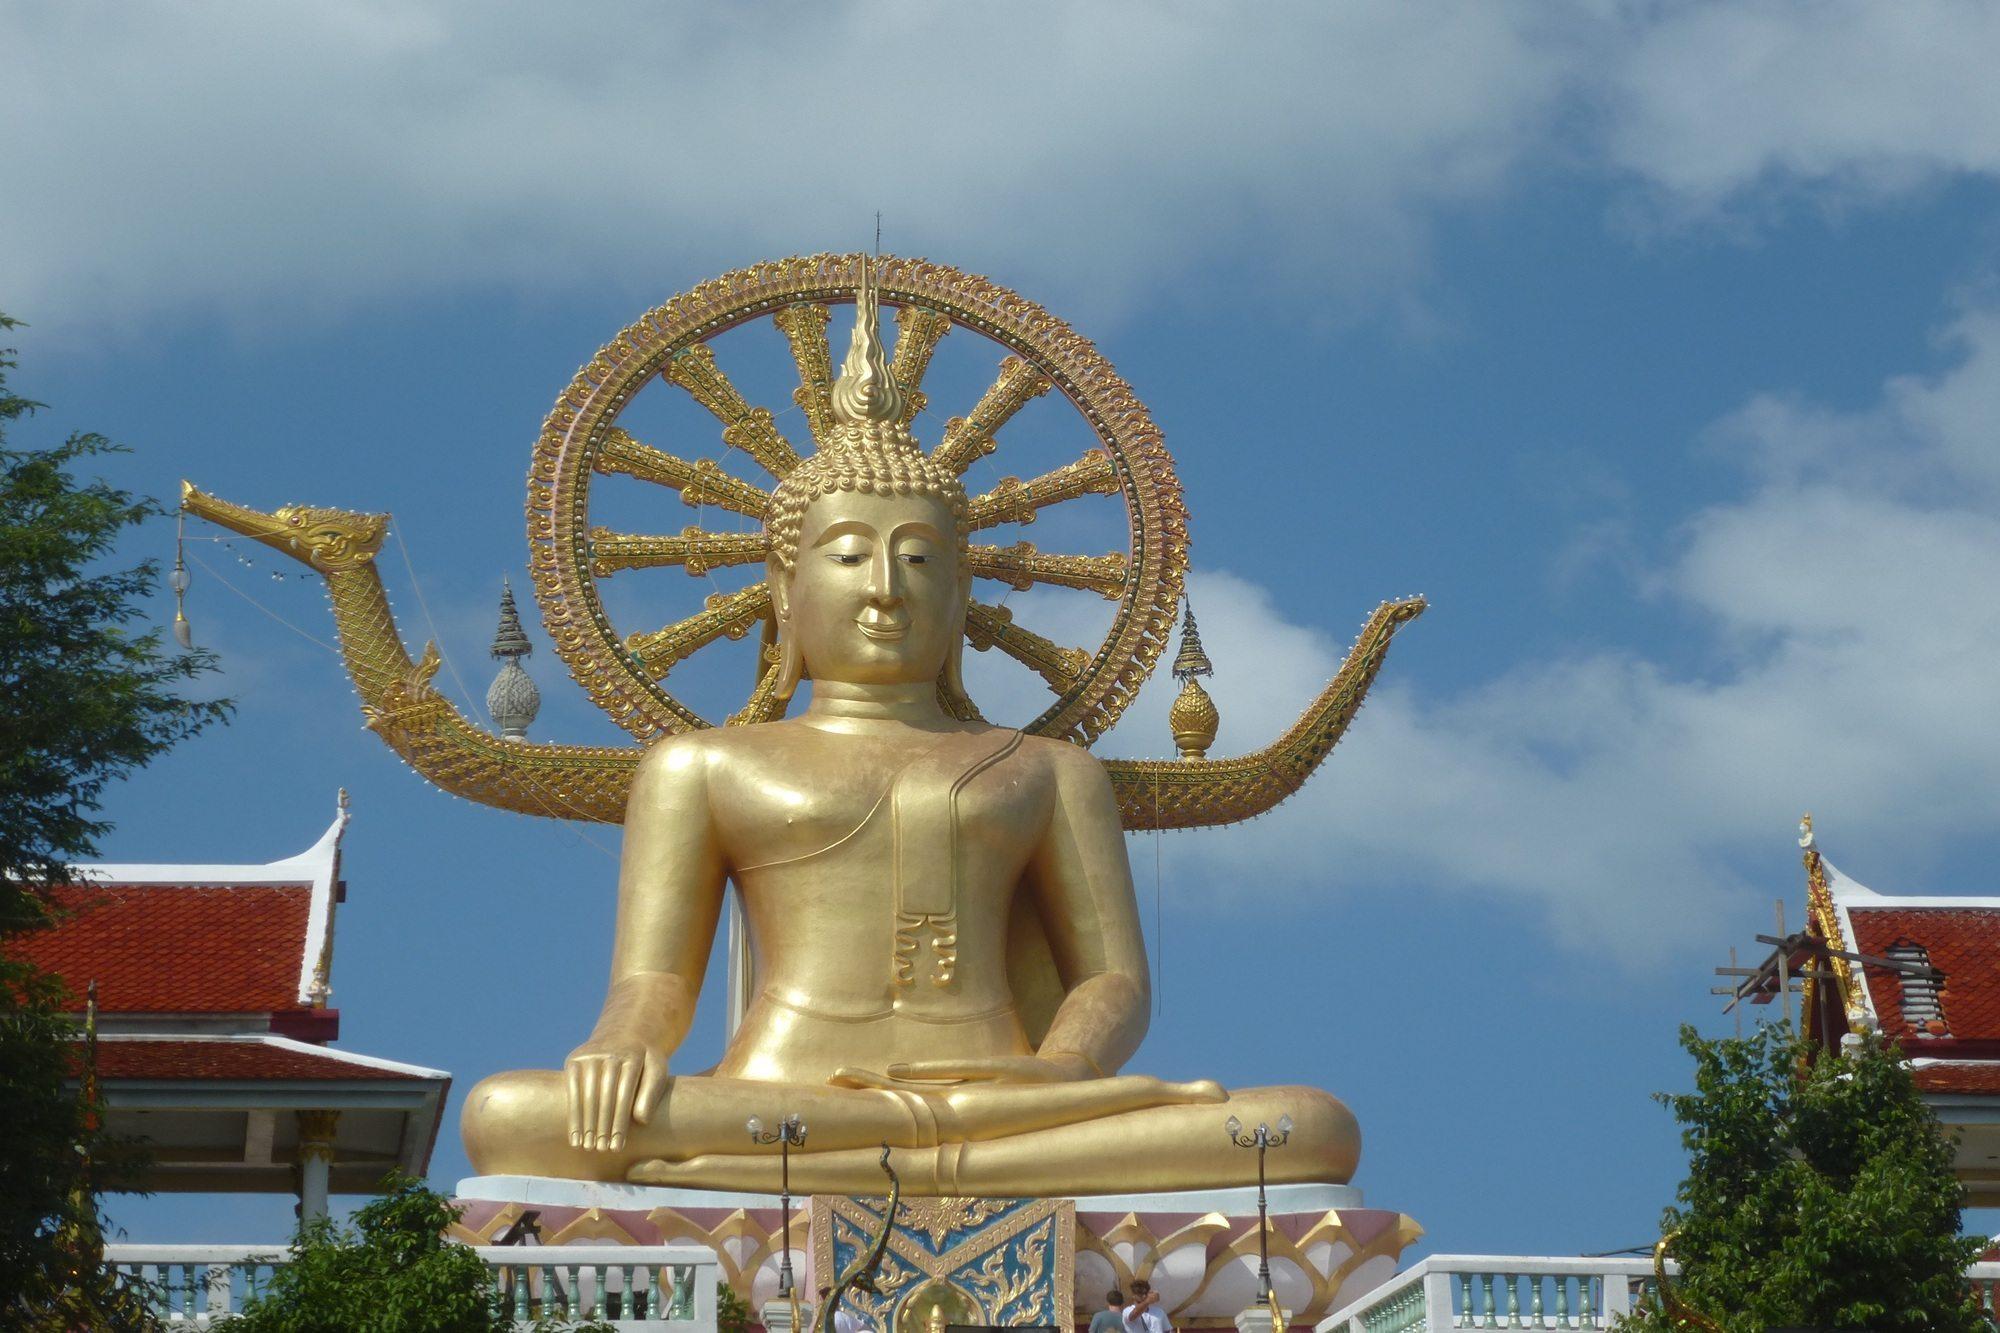 Big Buddha Bang Rak Koh Samui Thailand